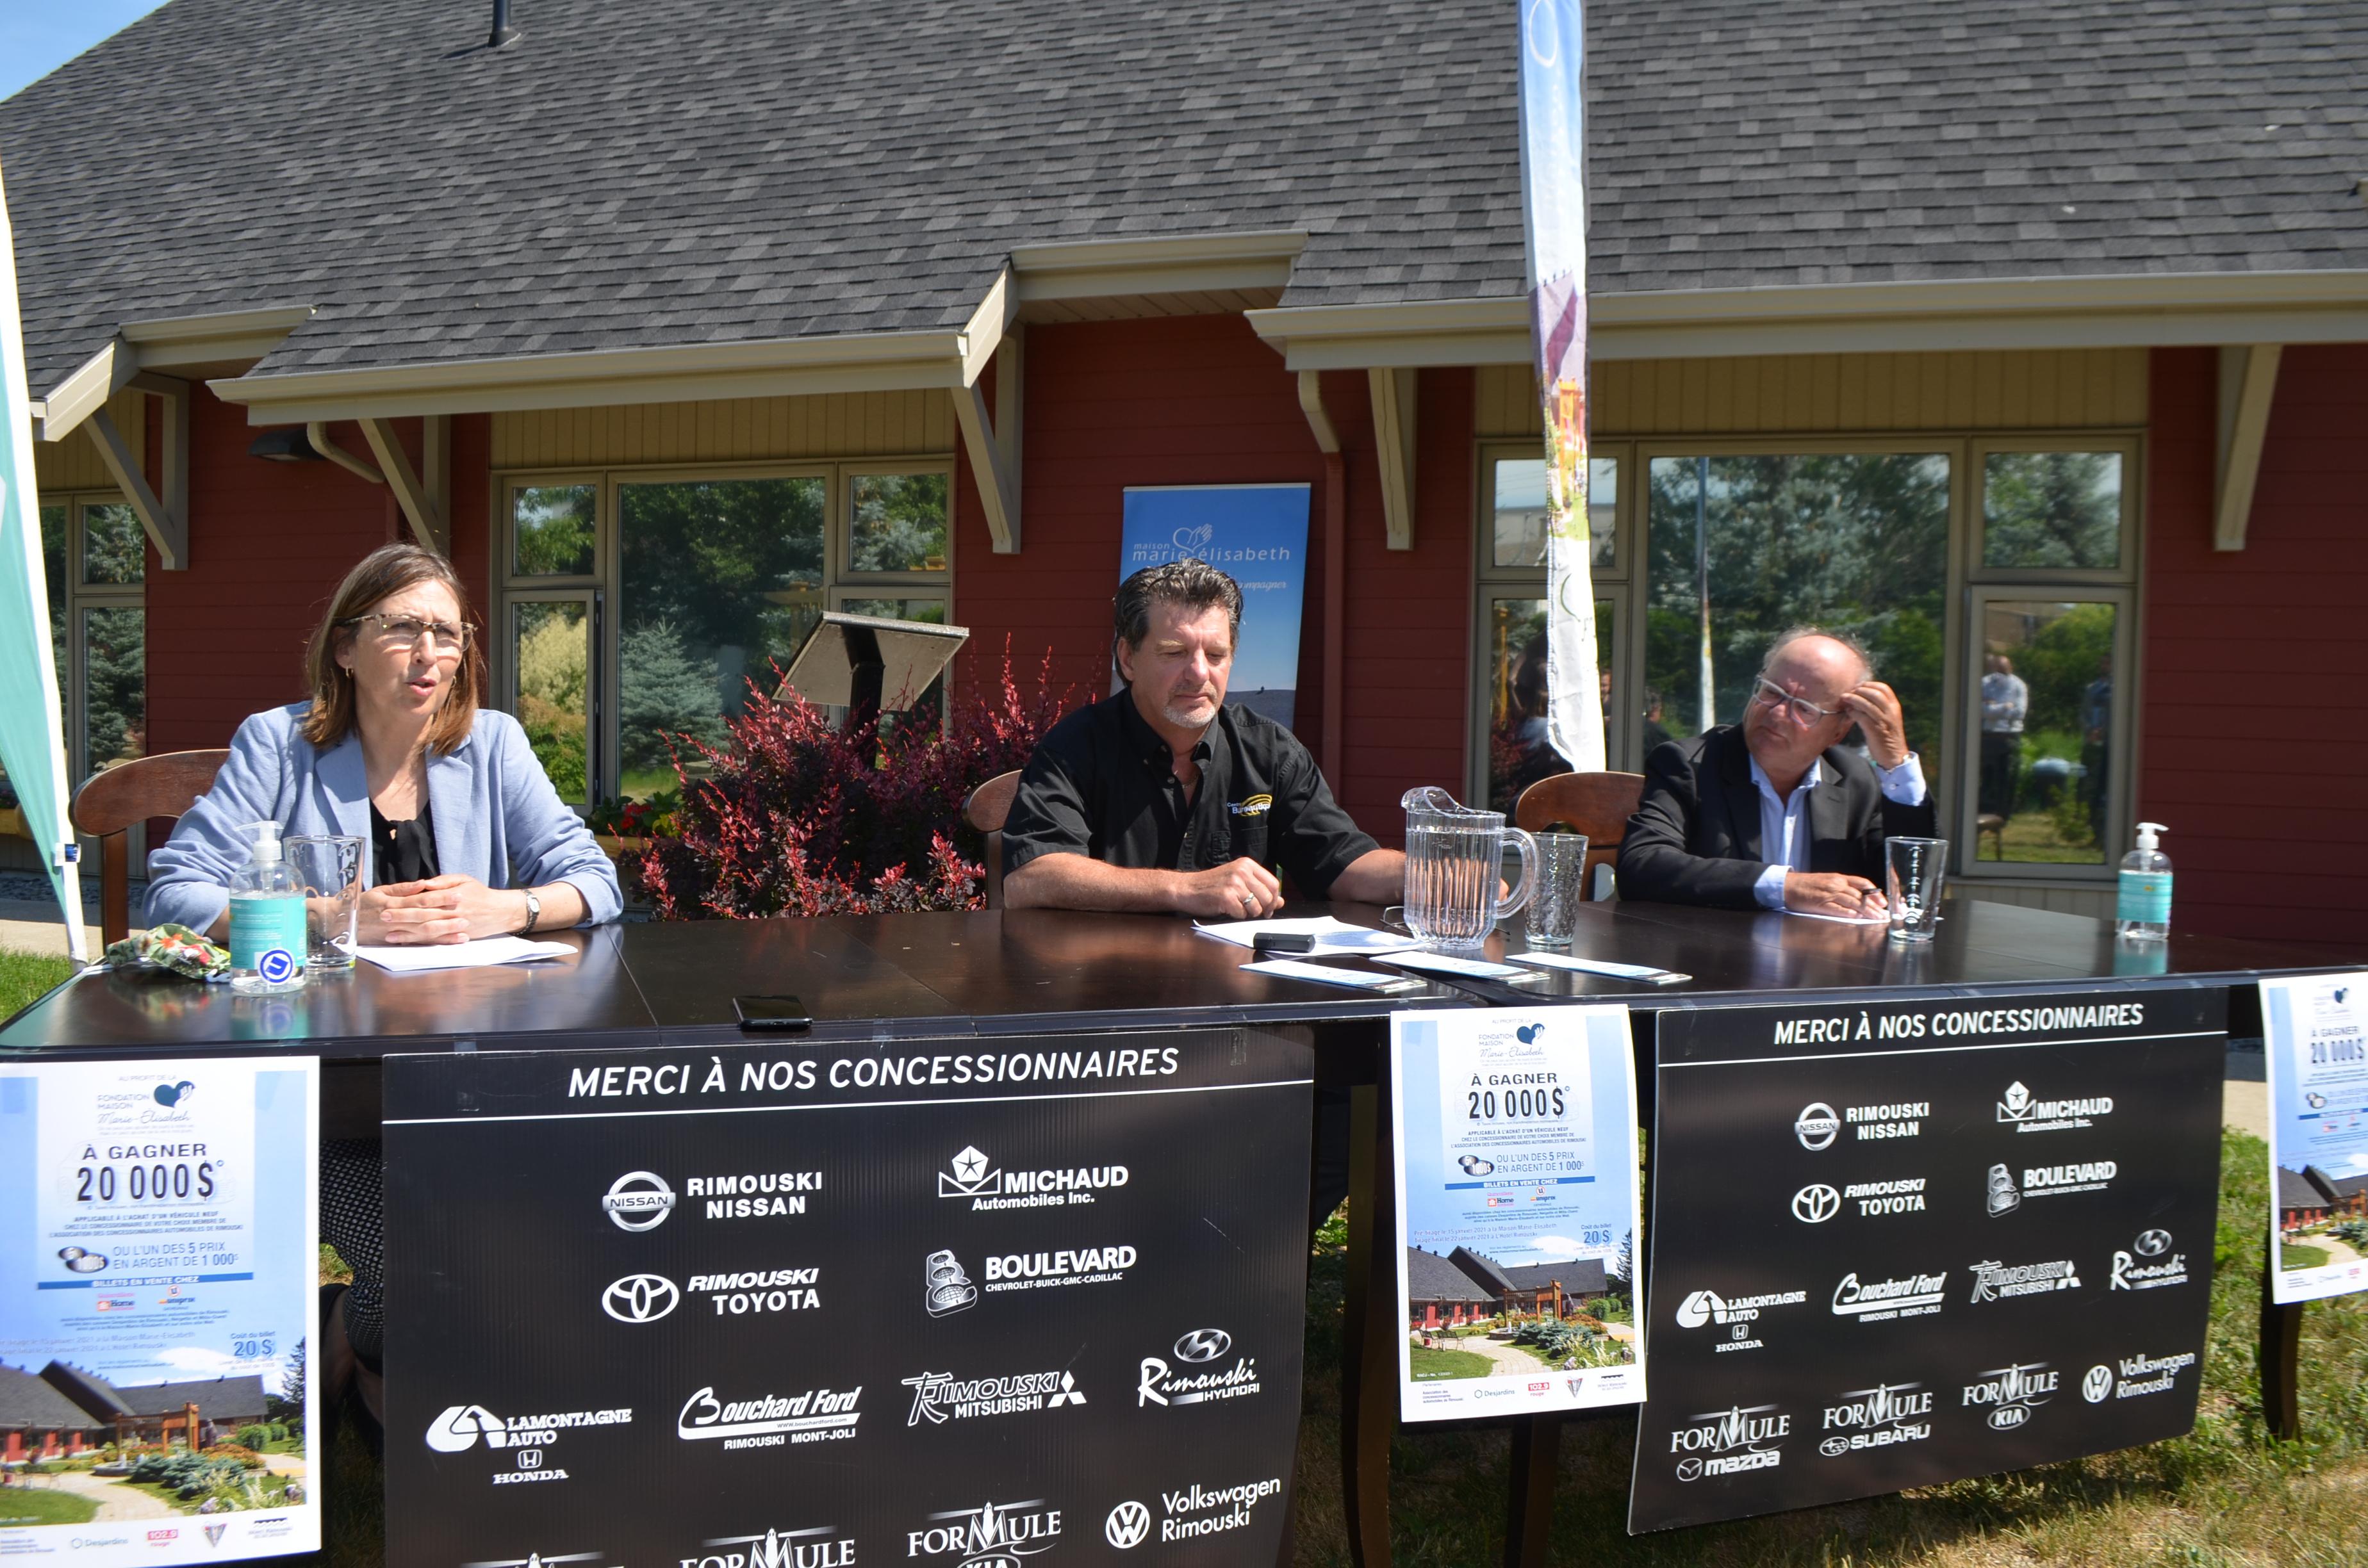 Paule Côté, directrice générale de la Maison Marie-Élisabeth; Steve Lemieux, membre du c.a. et Richard Michaud, président de l'Association des concessionnaires automobiles de Rimouski.